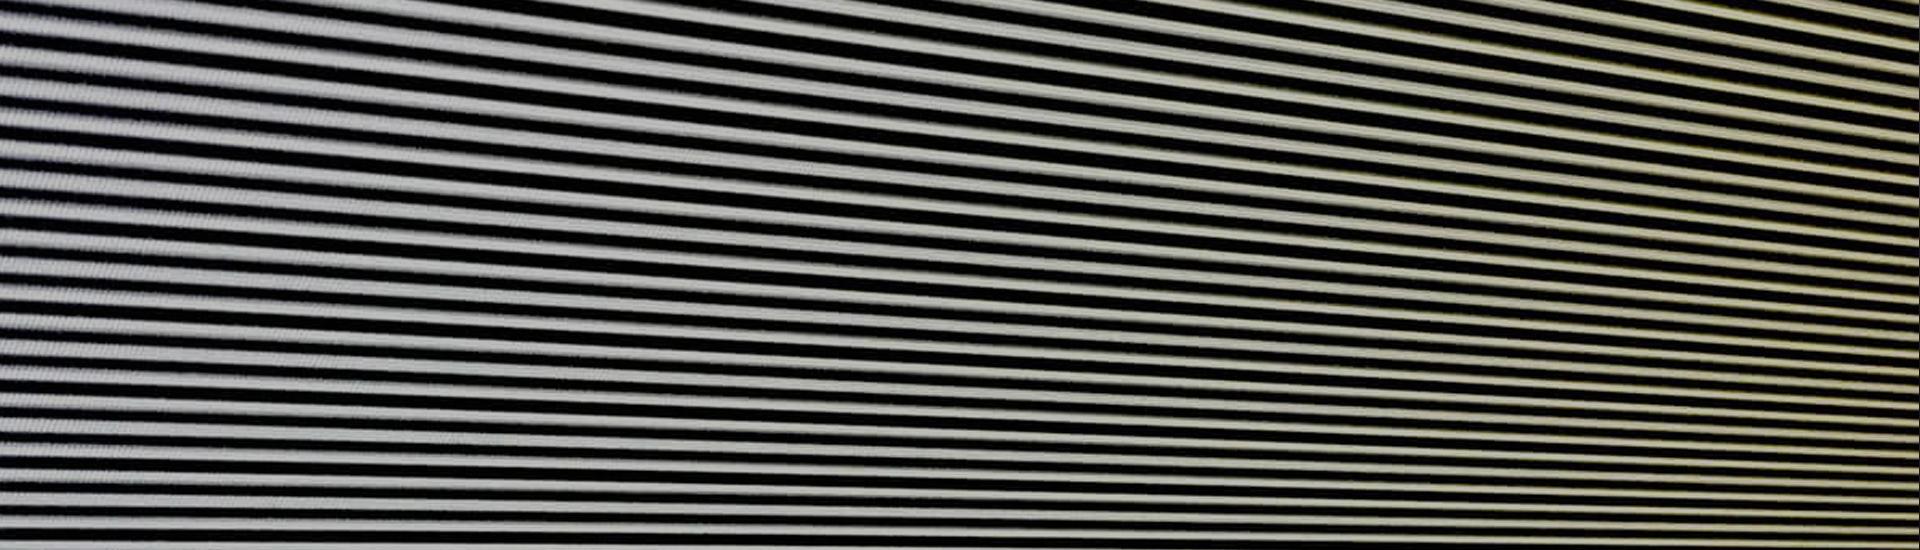 ツルタ電機 ゼブラチェッカーイメージ画像